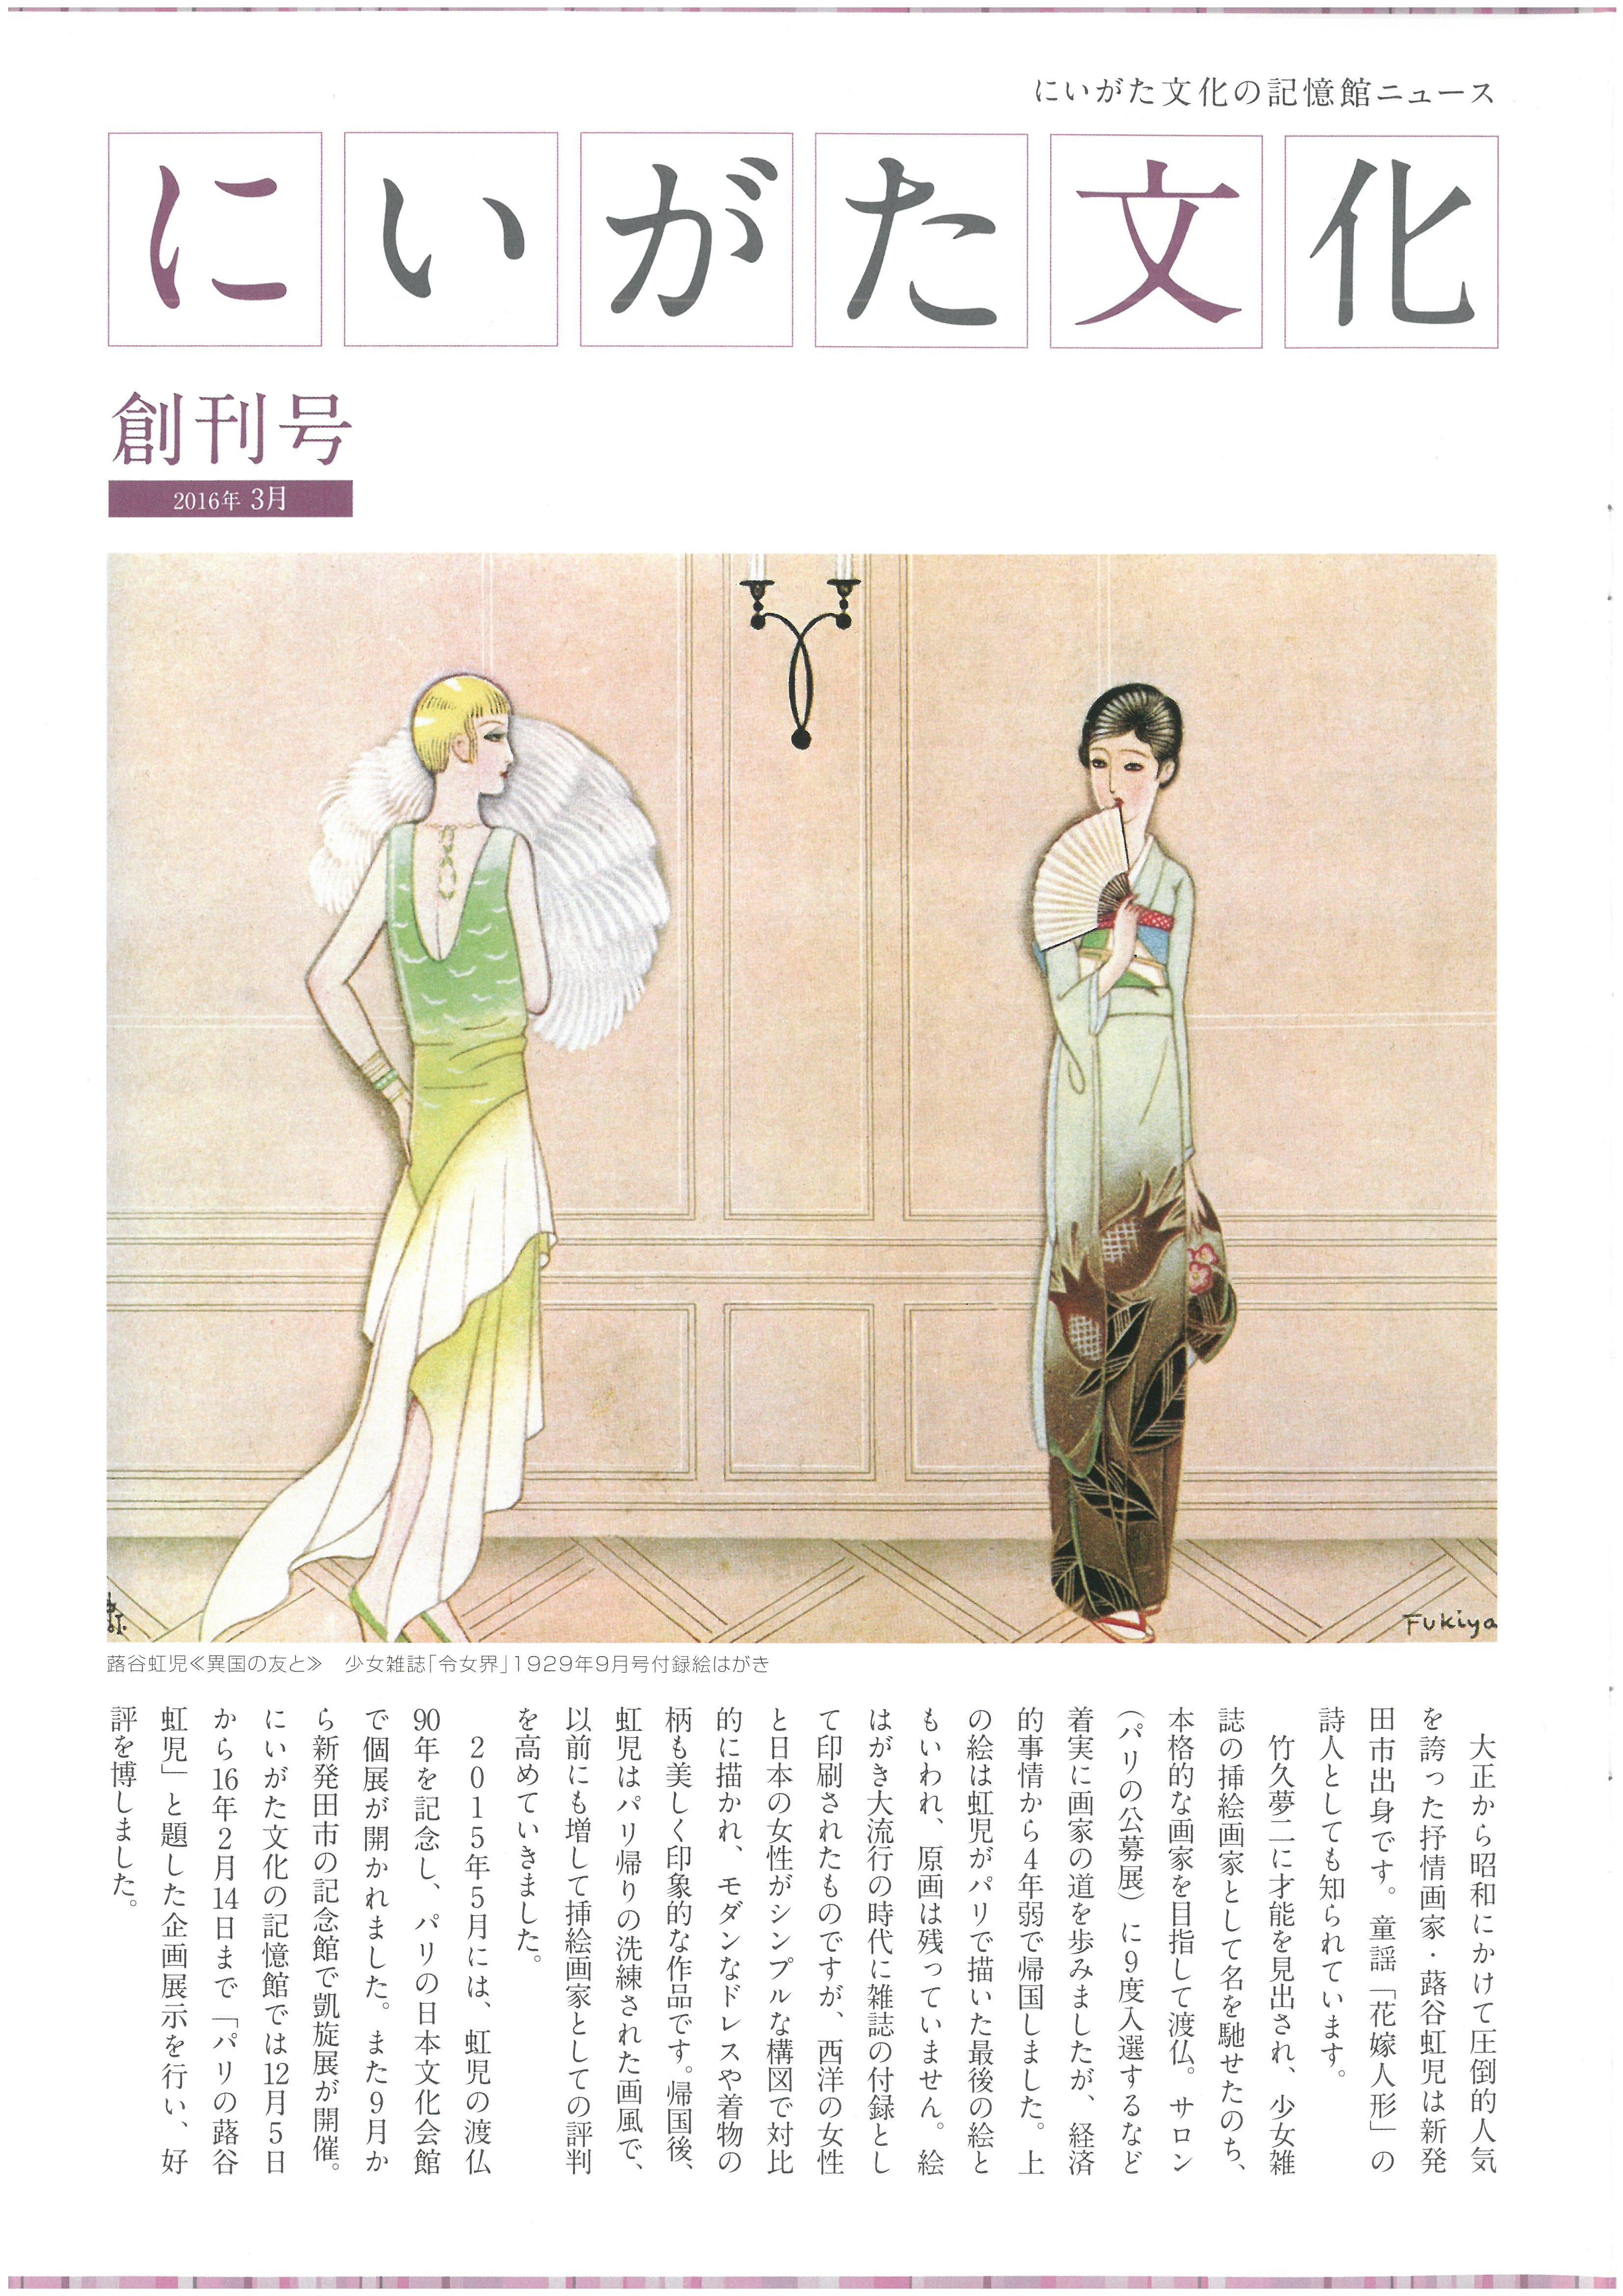 にいがた文化 創刊号 2016年3月号